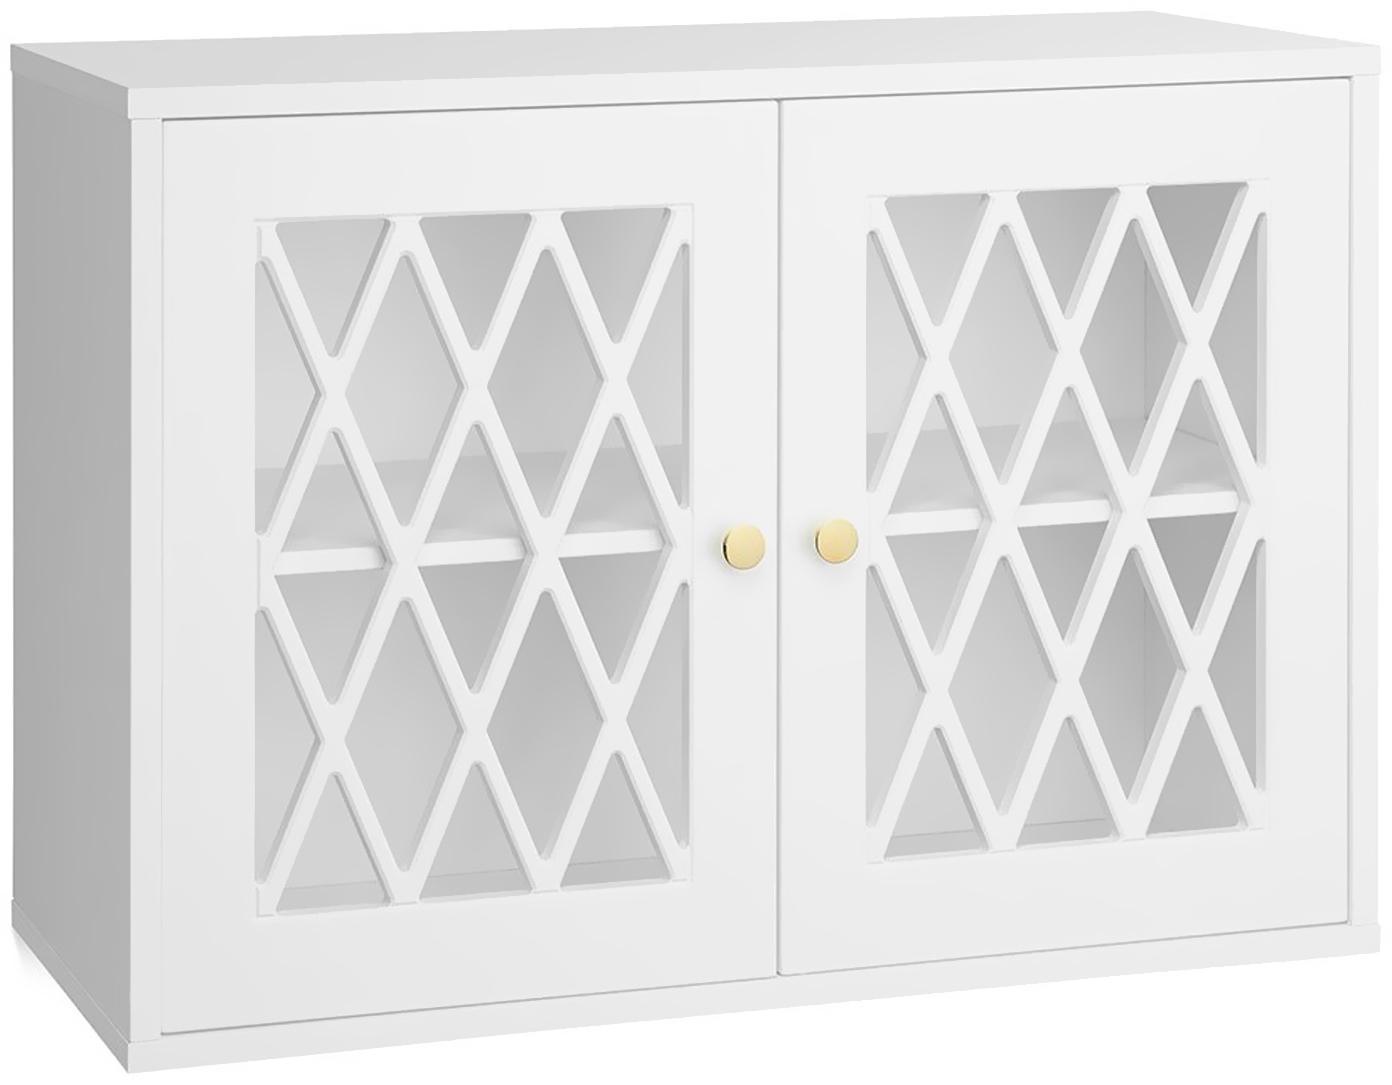 Kast Harlequin, Gelakt hout, Wit, 70 x 50 cm